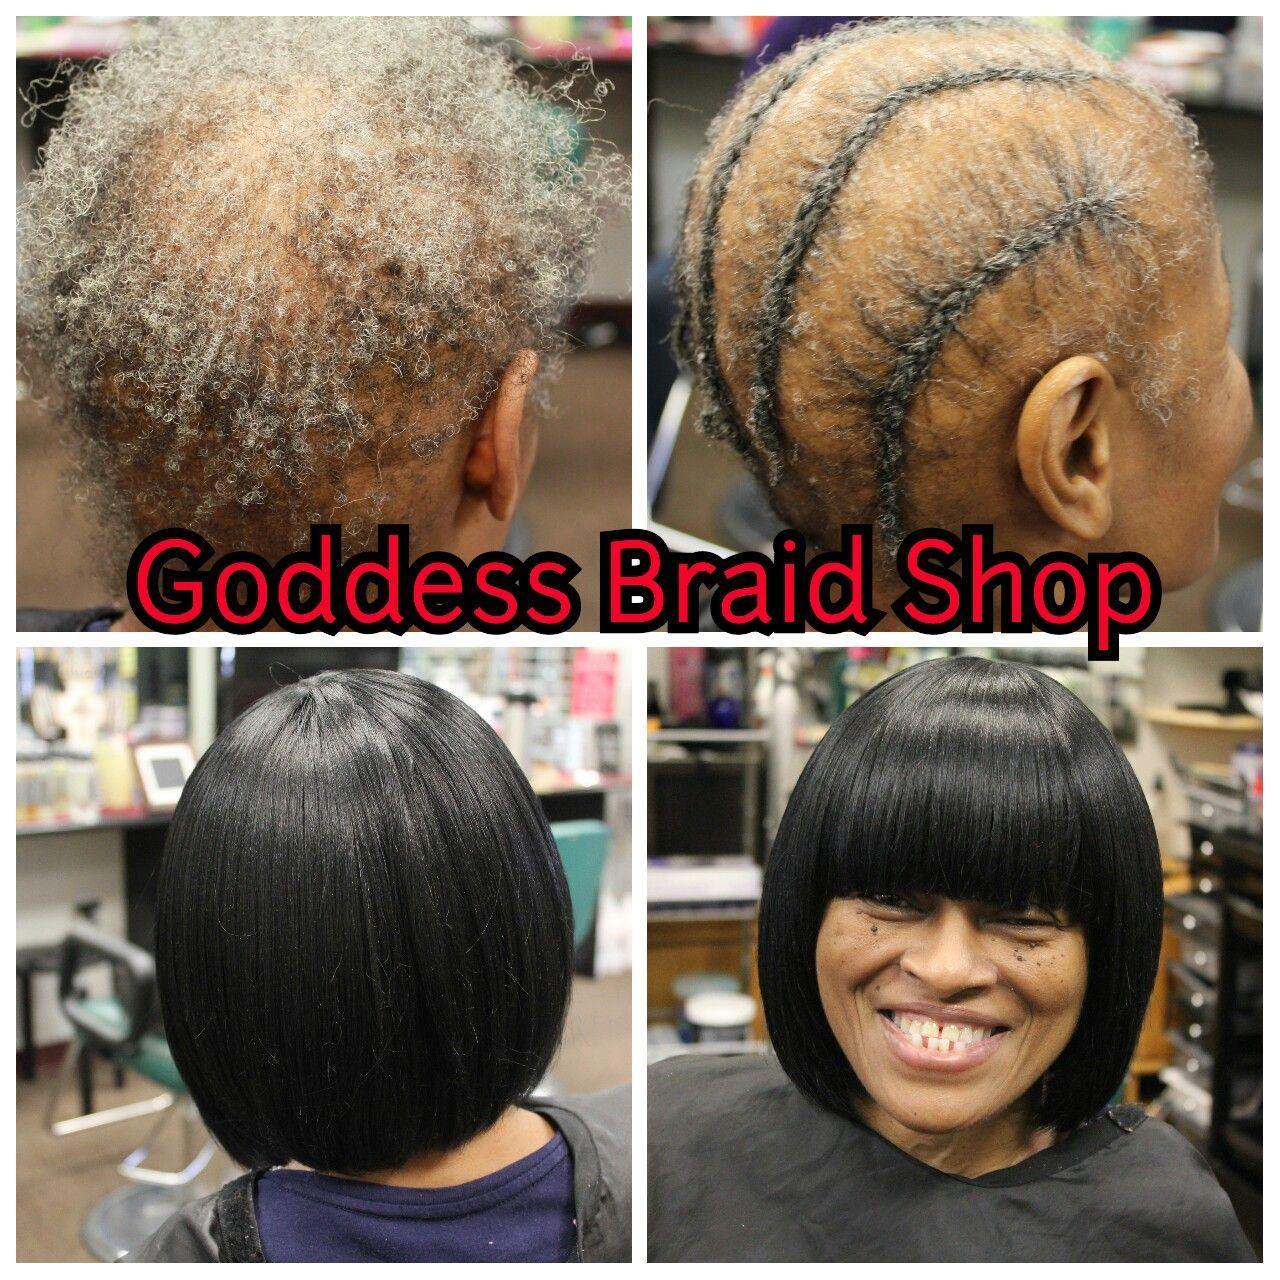 Happy Clients At Goddess Braid Shop Natural Hair Salon Medication Induced Alopecia Can Be Treated While Still Natural Hair Salons Goddess Braids Braid Shops